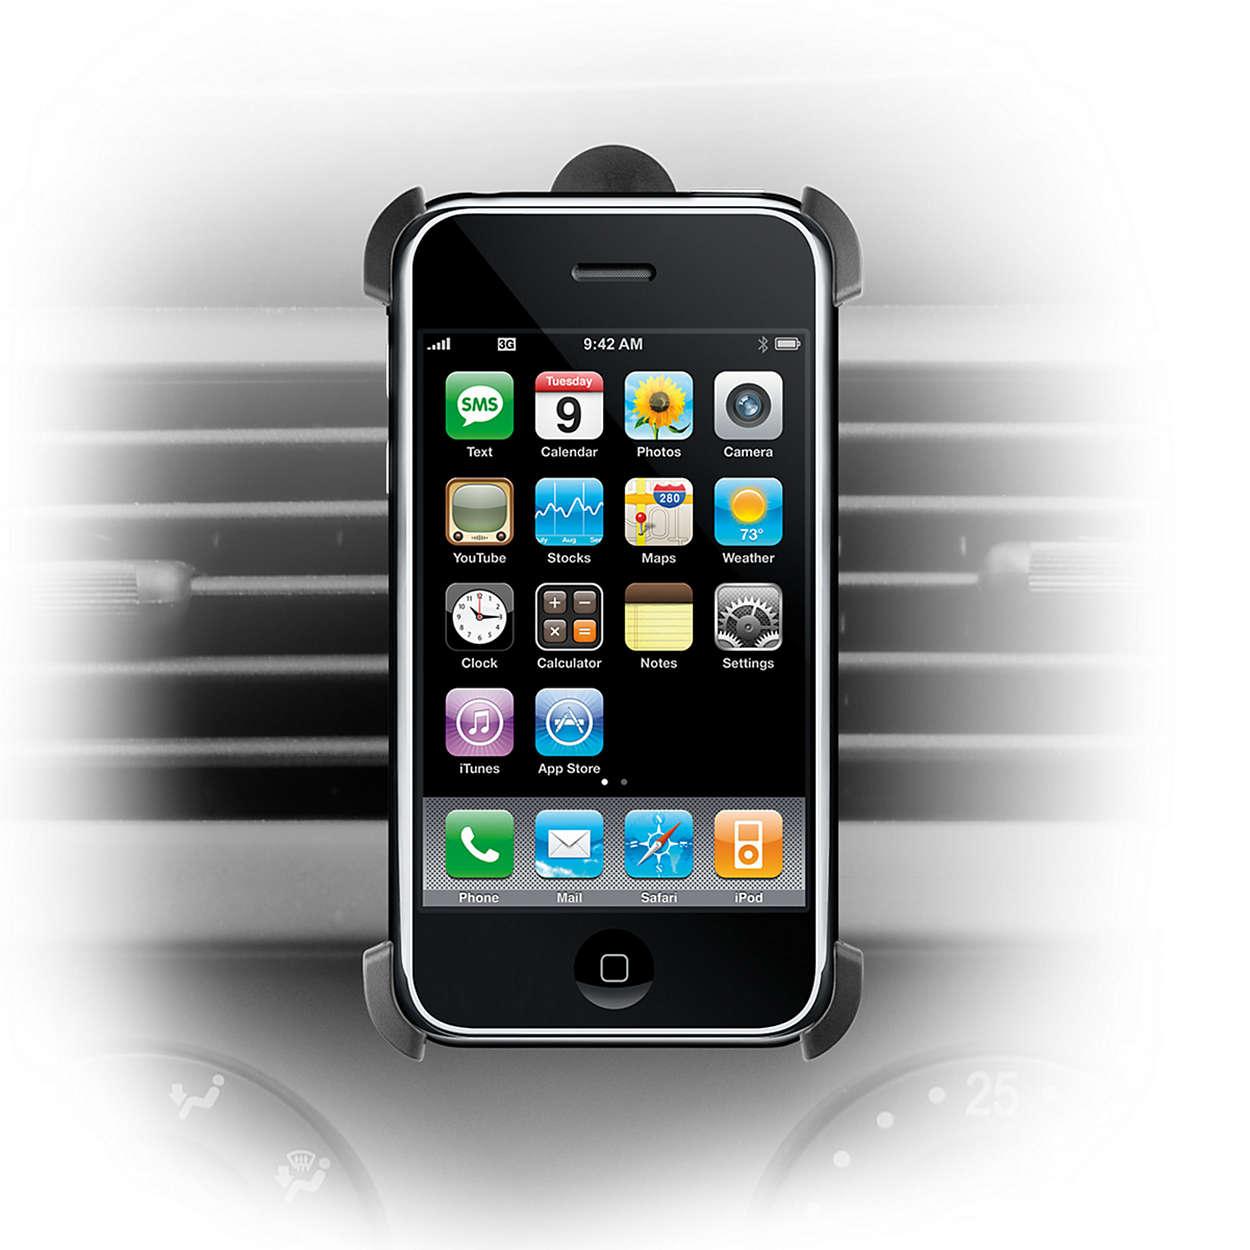 ประกอบ iPhone เข้ากับรถยนต์ของคุณ